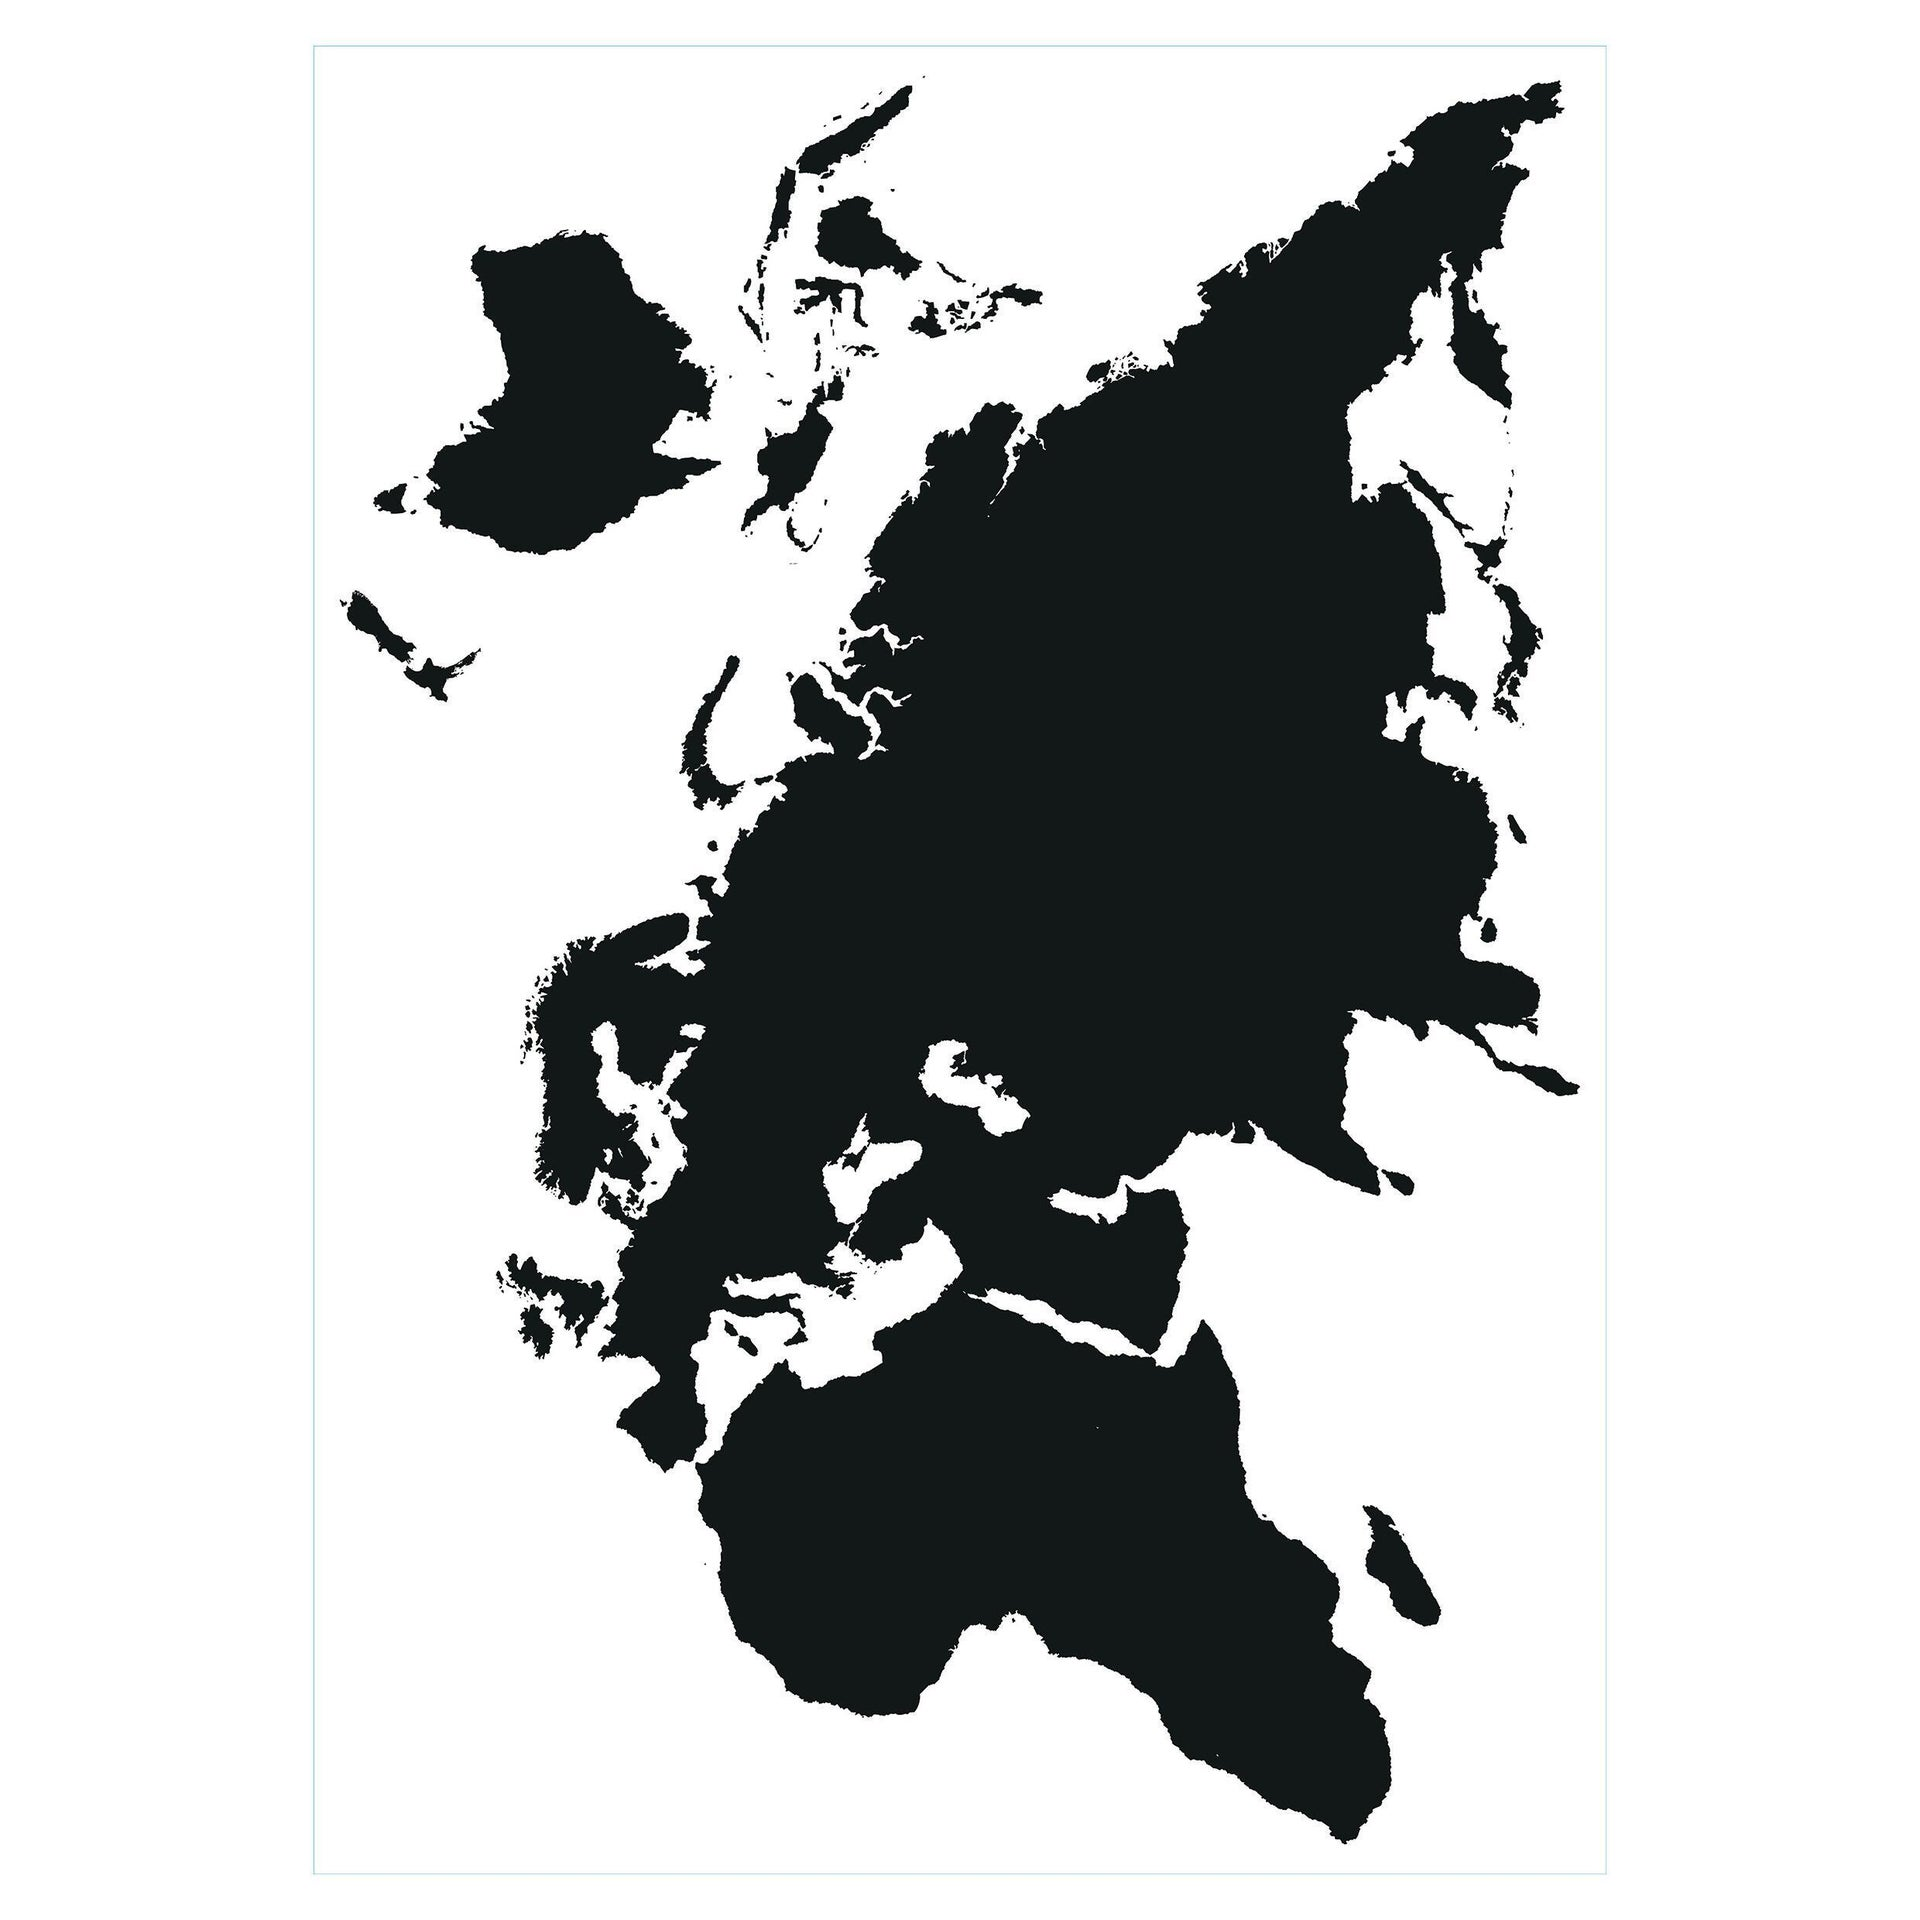 Sticker Mappa 67x94 cm - 3